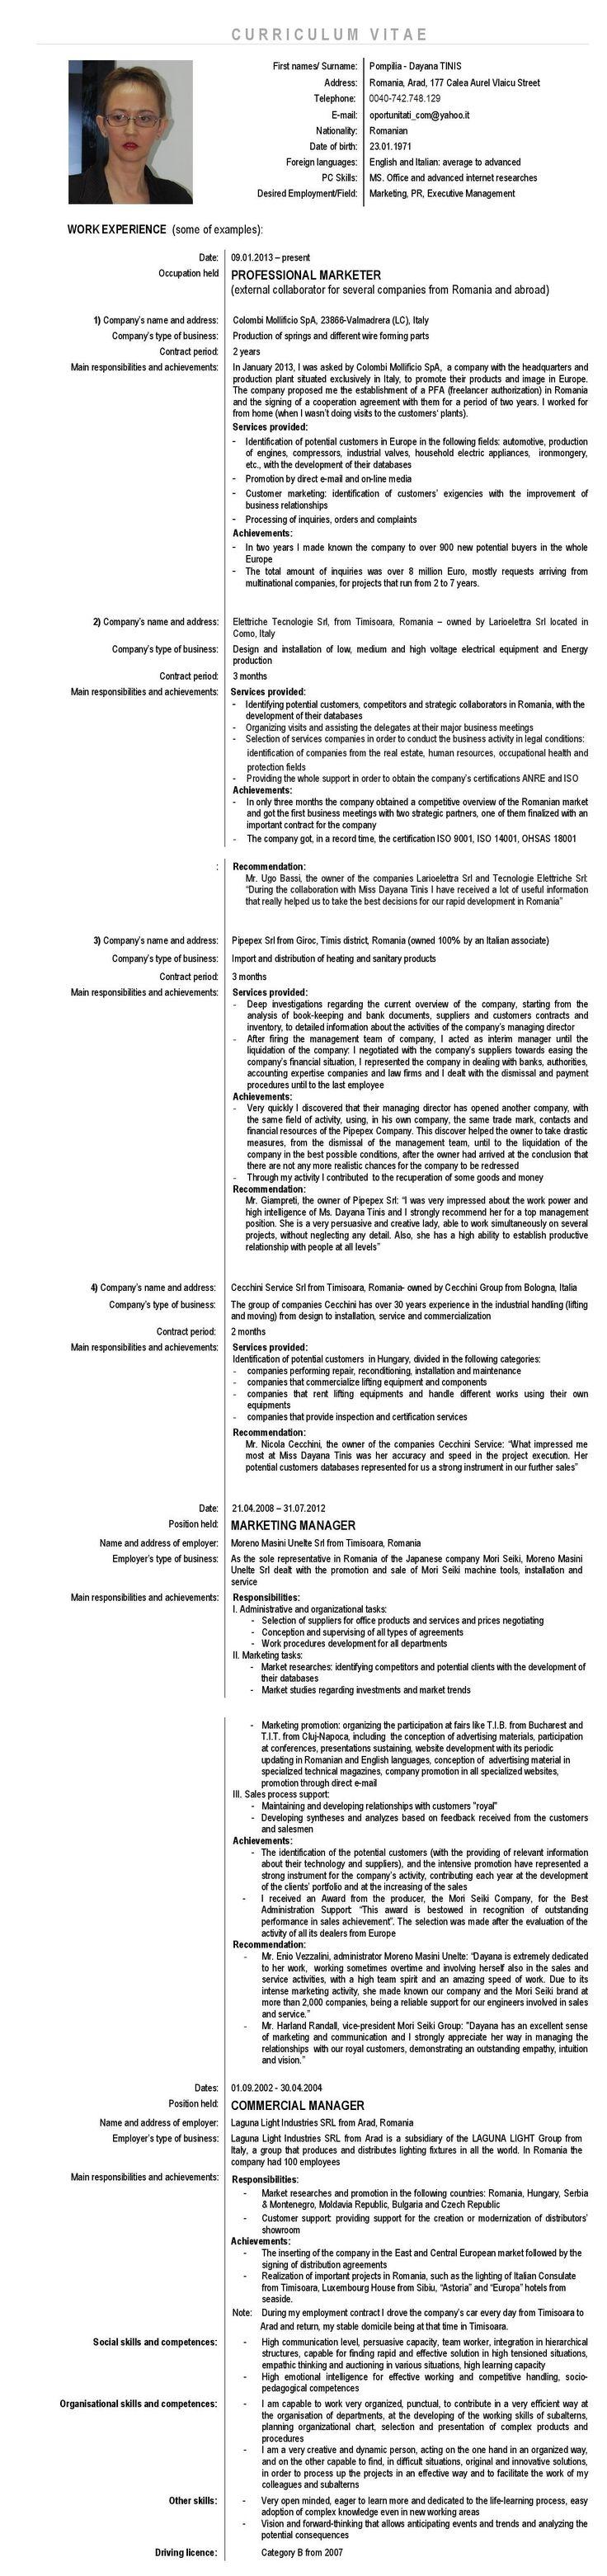 Dayana Tinis - CV in English language